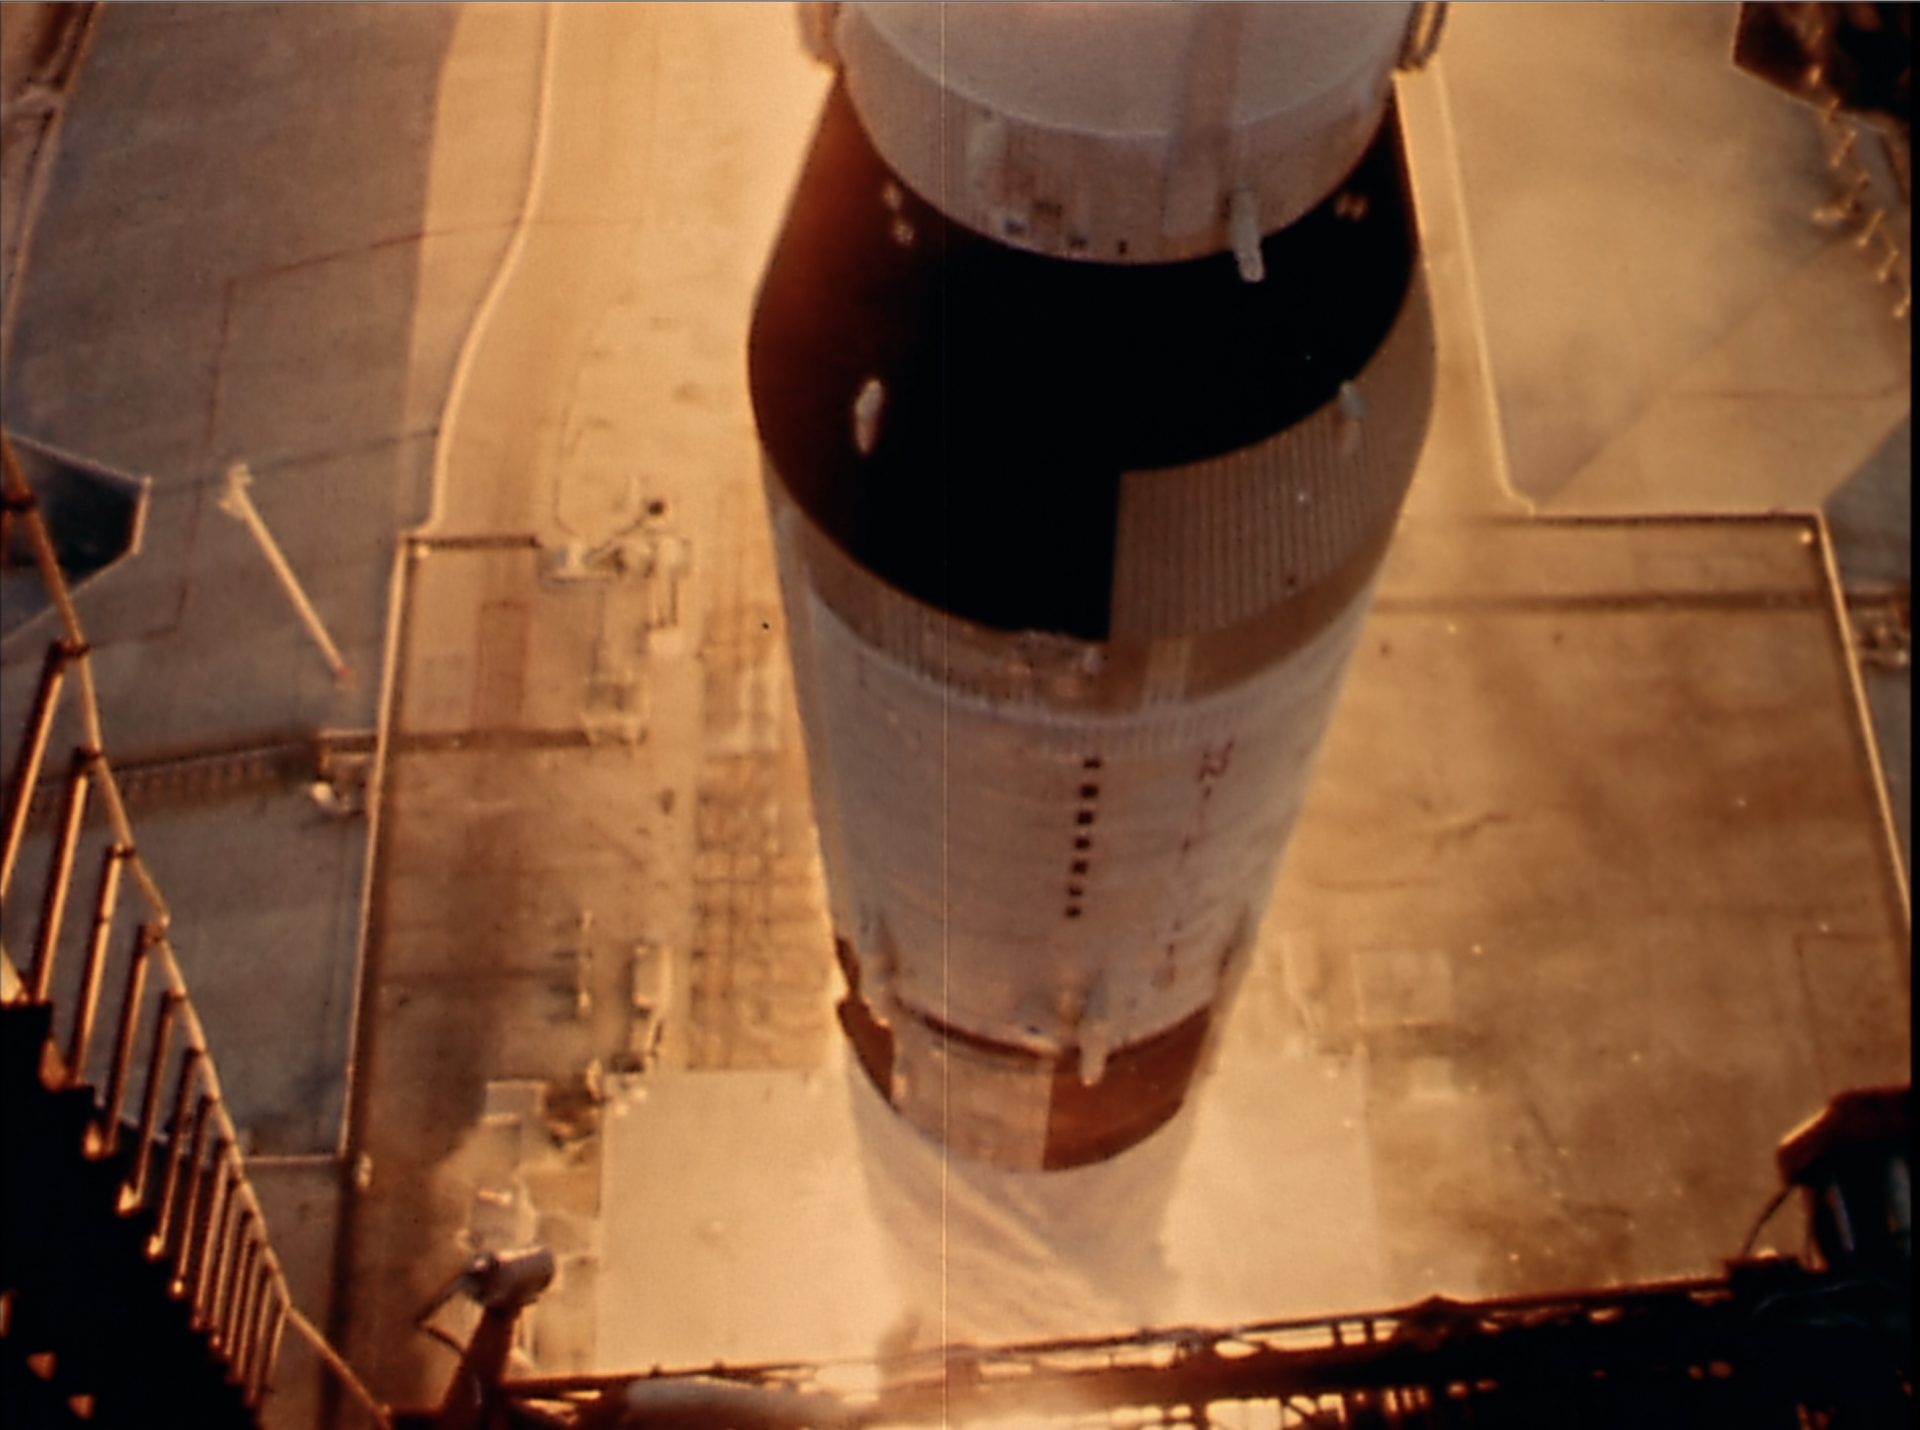 Apollo 9 Start of Saturn missile